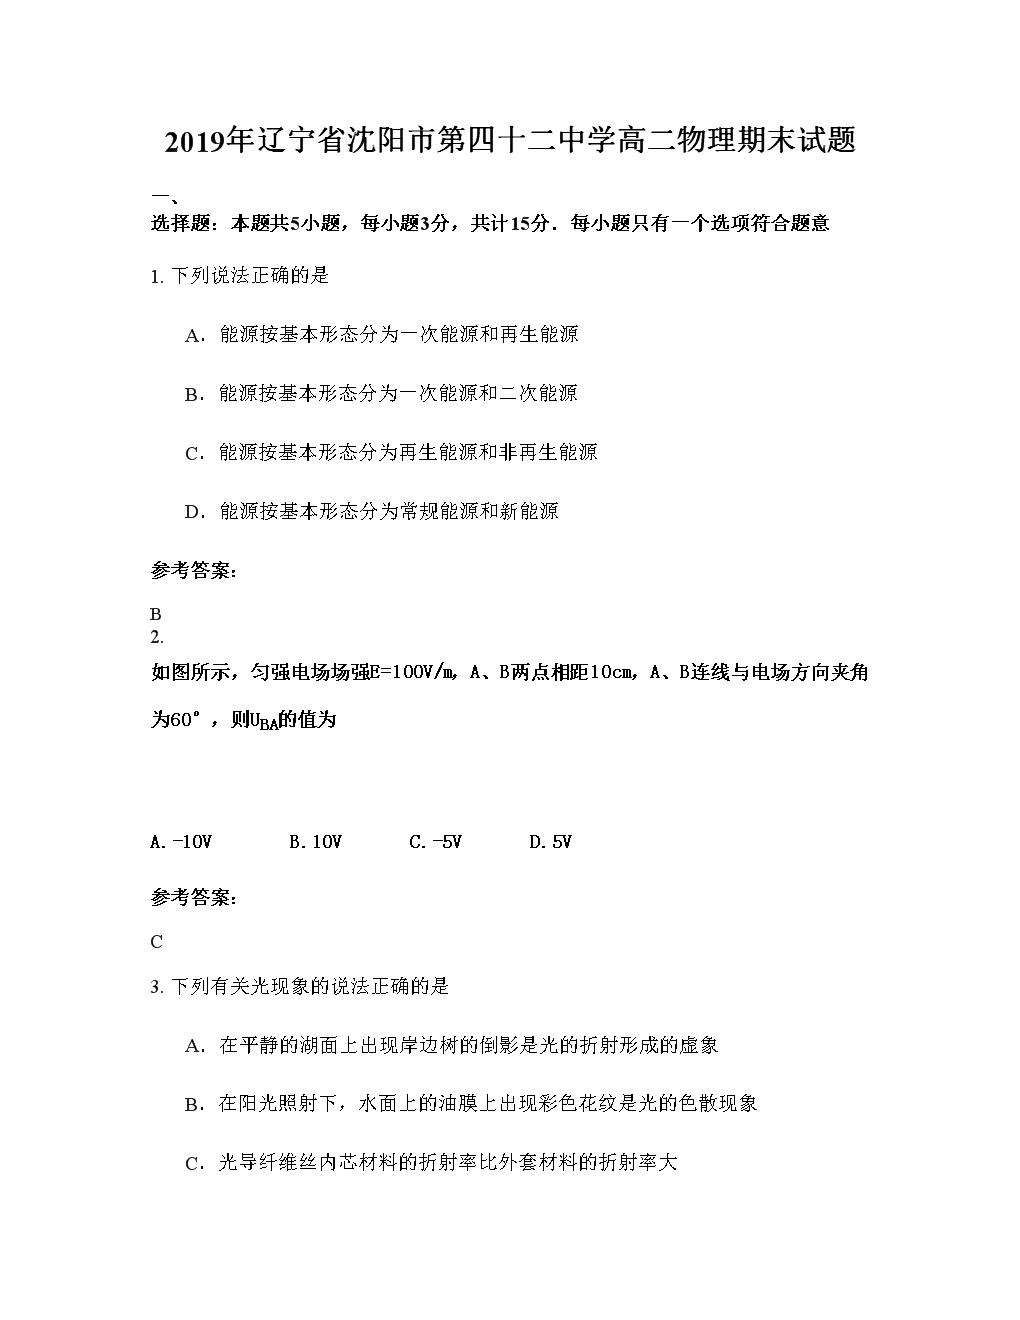 2019年辽宁省沈阳市第四十二中学高二物理期末试题.docx